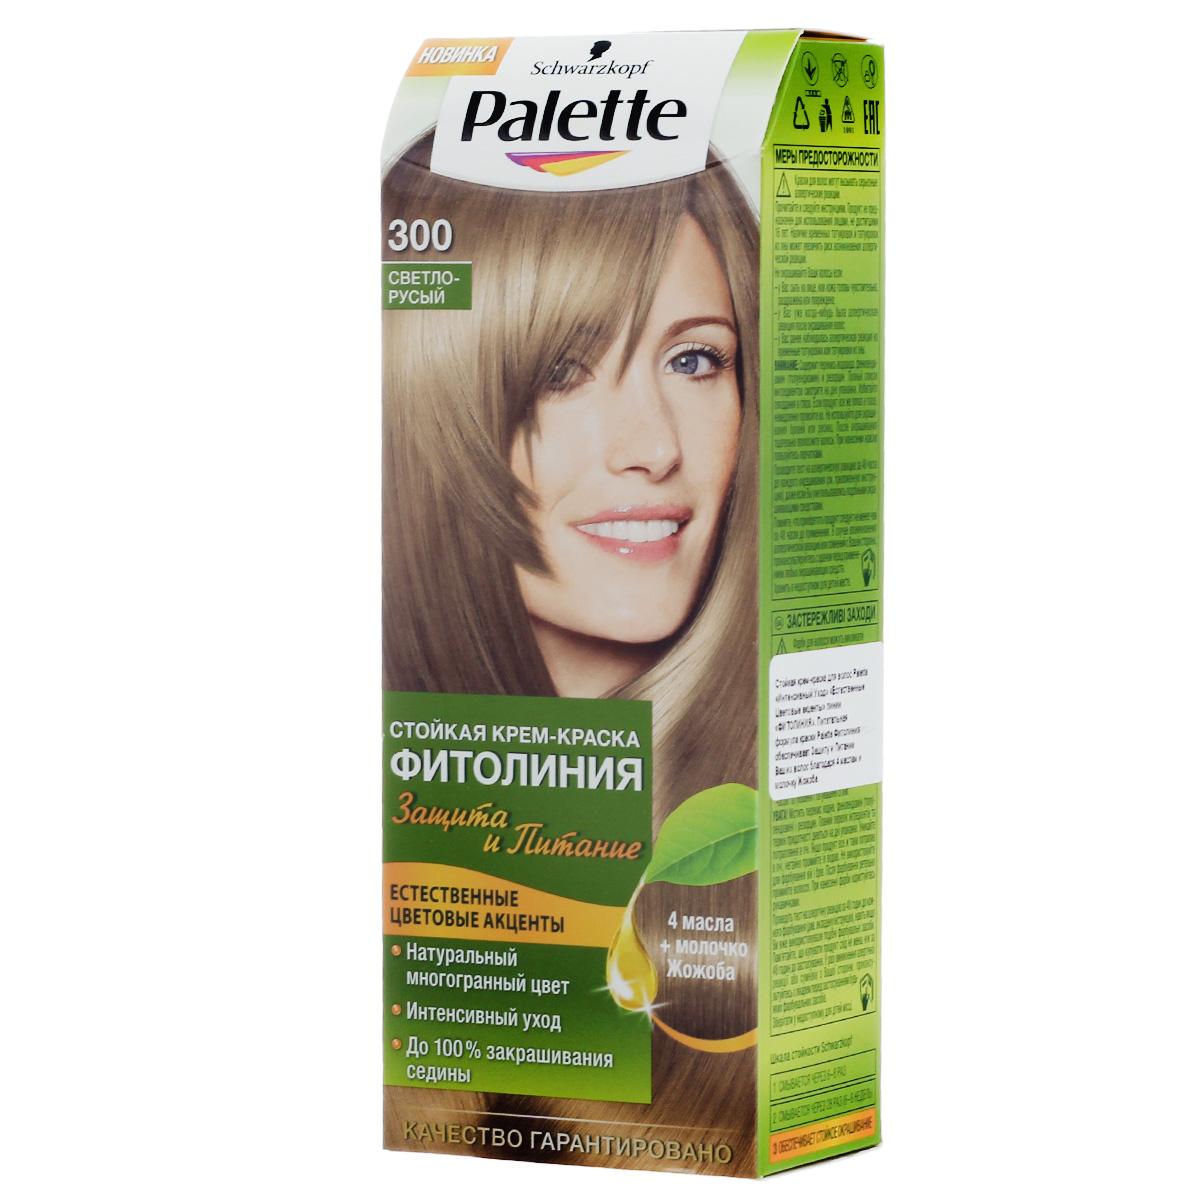 PALETTE Краска для волос ФИТОЛИНИЯ оттенок 300 Светло-русый, 110 мл9352525Откройте для себя больше ухода для более интенсивного цвета: новая питающая крем-краска Palette Фитолиния, обогащенная 4 маслами и молочком Жожоба. Насладитесь невероятно мягкими и сияющими волосами, полными естественного сияния цвета и стойкой интенсивности. Питательная формула обеспечивает надежную защиту во время и после окрашивания и поразительно глубокий уход. А интенсивные красящие пигменты отвечают за насыщенный и стойкий результат на ваших волосах. Побалуйте себя широким выбором натуральных оттенков, ведь палитра Palette Фитолиния предлагает оригинальную подборку оттенков для создания естественных цветовых акцентов и глубокого многогранного цвета.